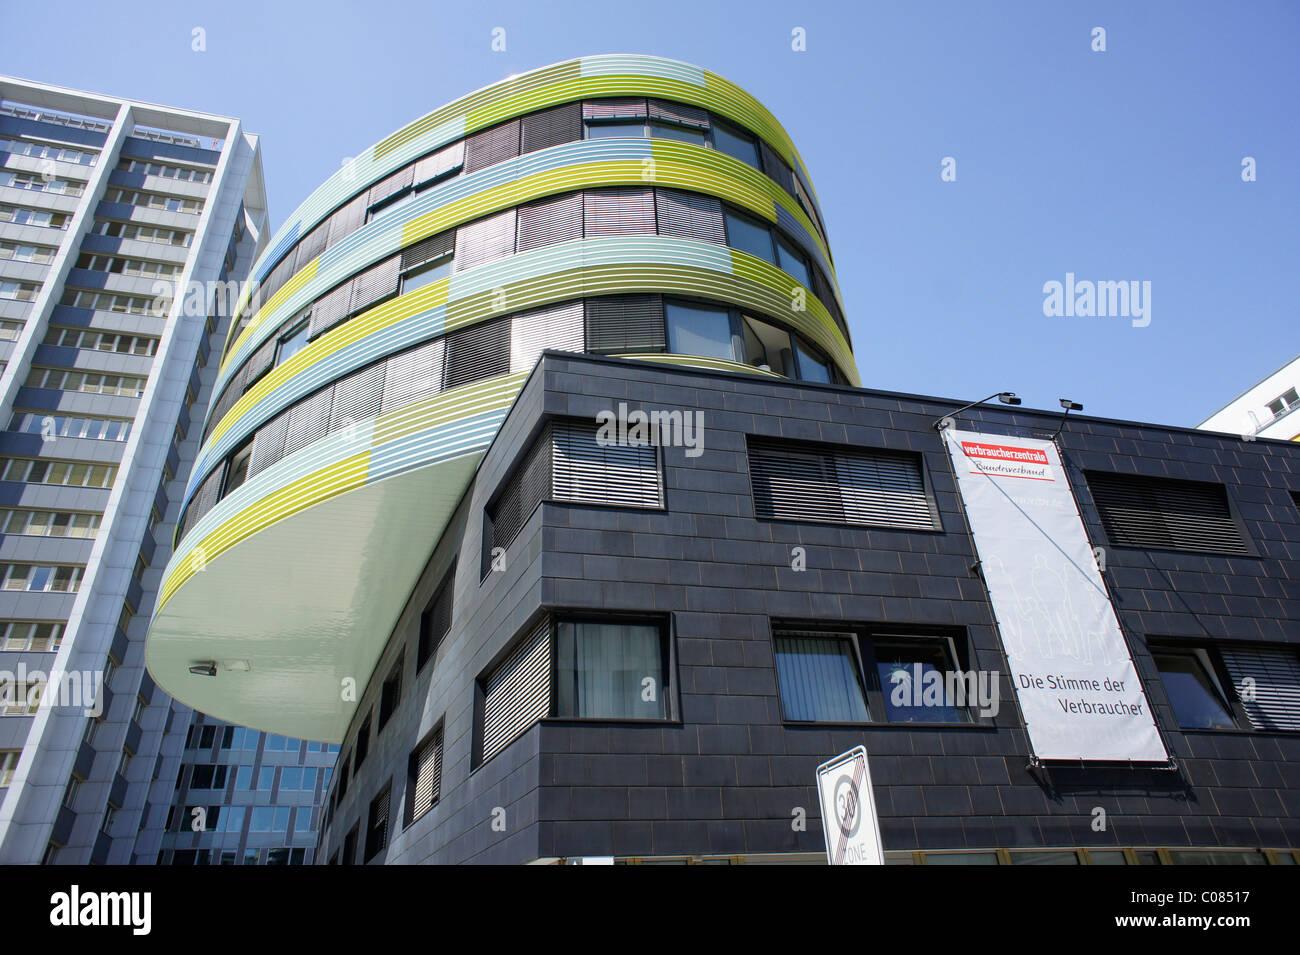 Oficina de la Federación de Centros de asesoramiento del consumidor, Berlín, Alemania, Europa Foto de stock